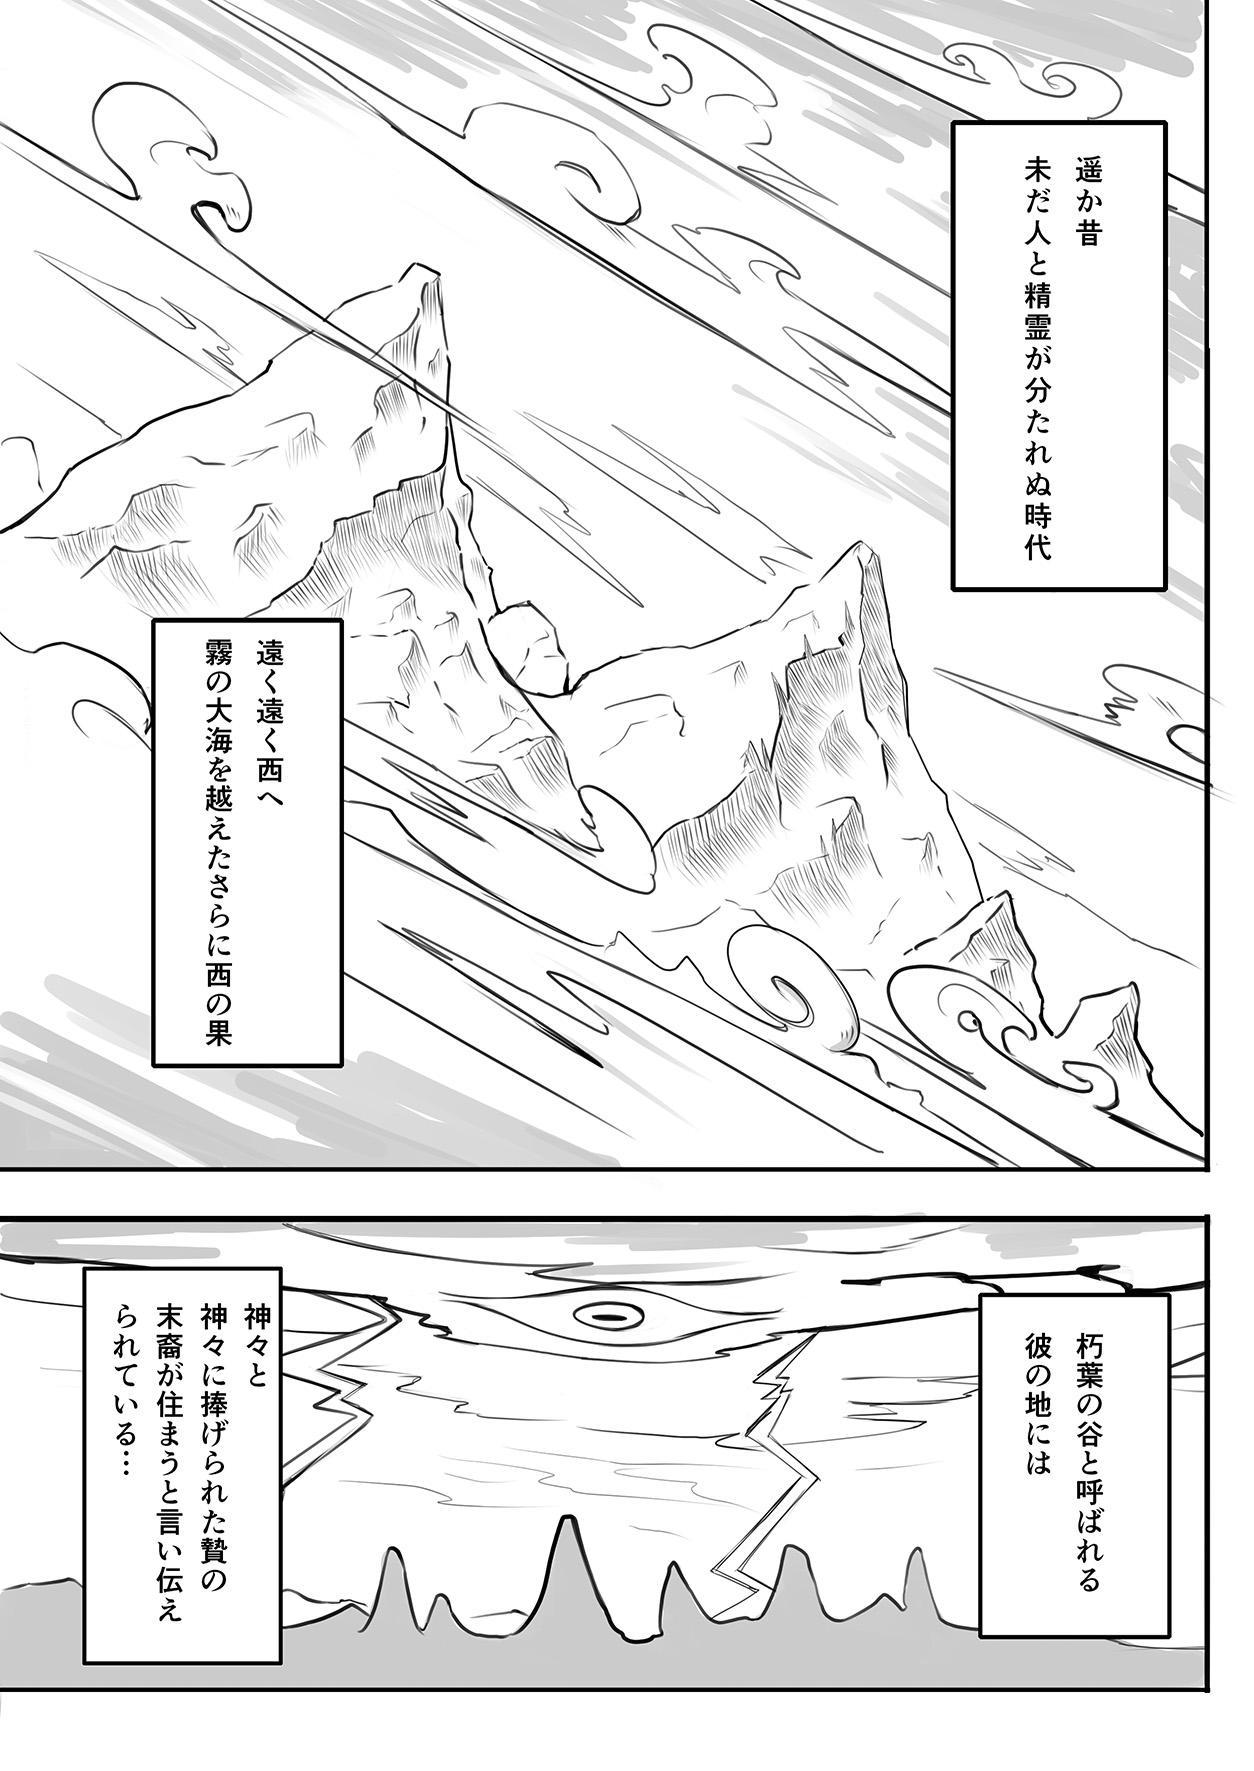 Hitomi wa Hisoyaka ni Utau 2